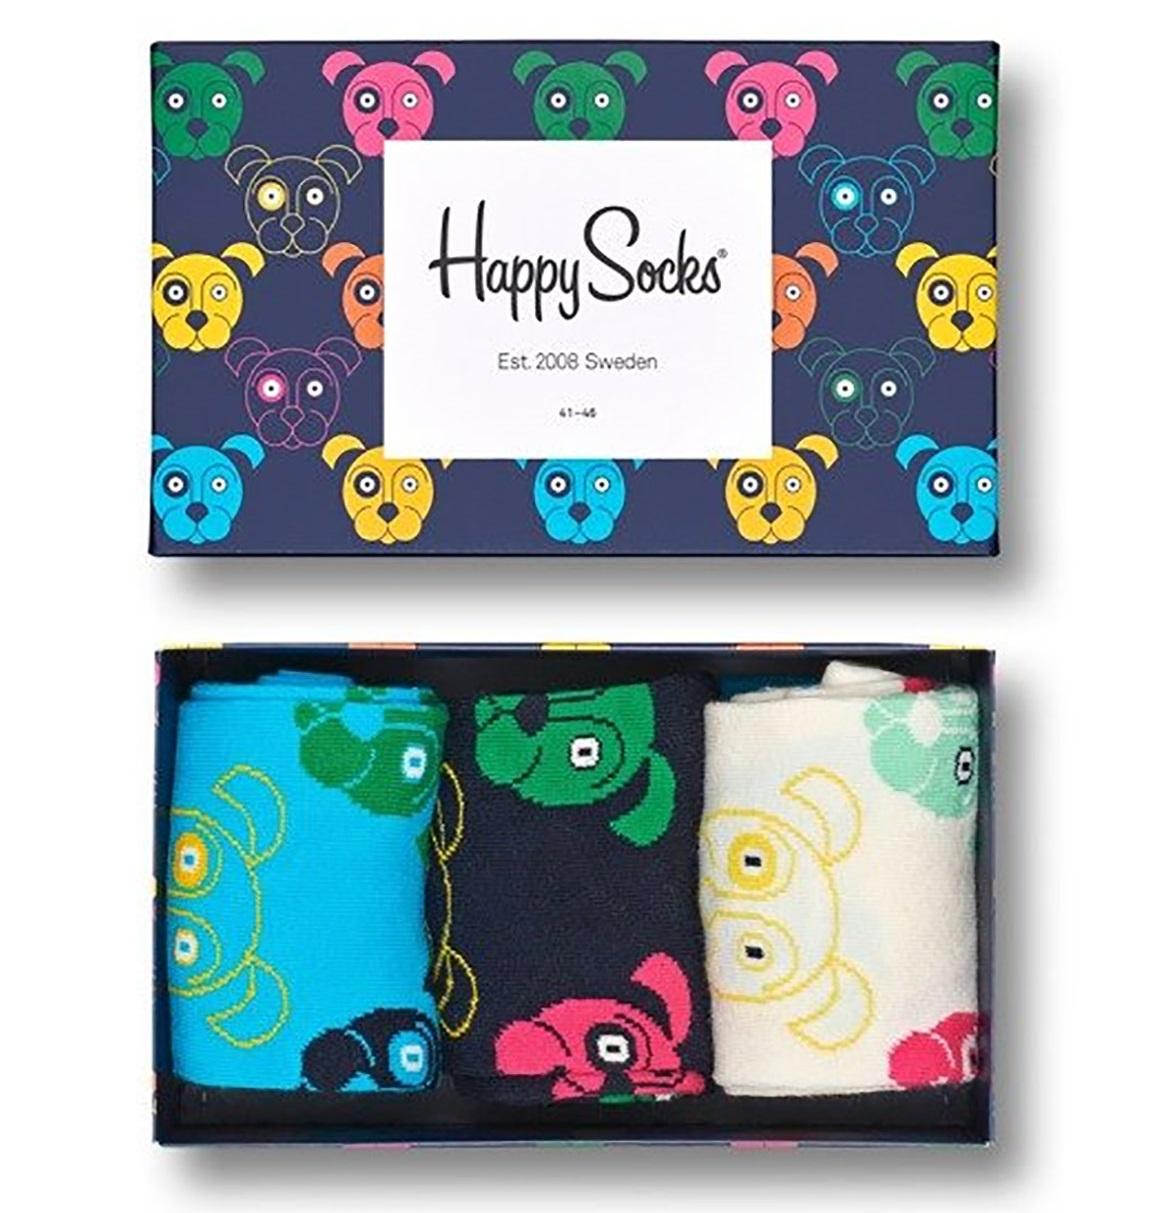 Happy Socks - 3er Pack Gift Box, Geschenkbox - Dog, Hunde - hellblau / schwarz / weiß - SXDOG08-0100